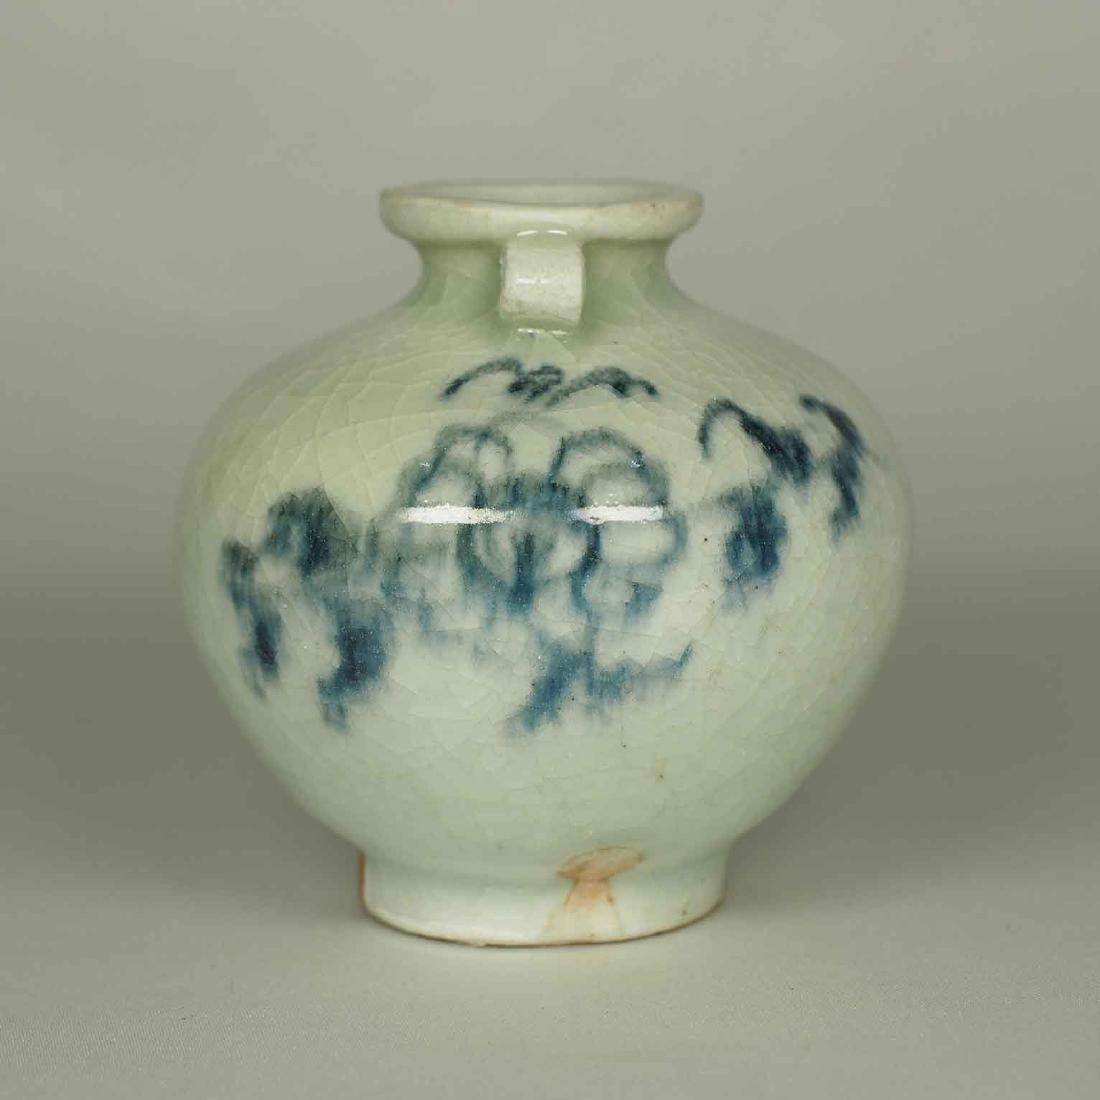 Jarlet with Chrysanthemum Flower, Yuan Dynasty